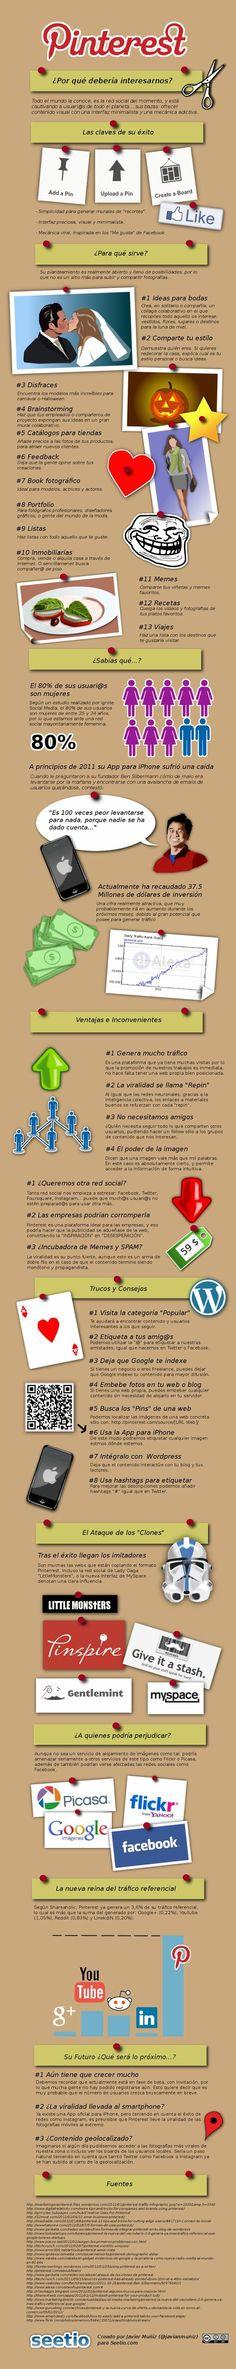 Infografia amb les característiques i usuaris a Pinterest